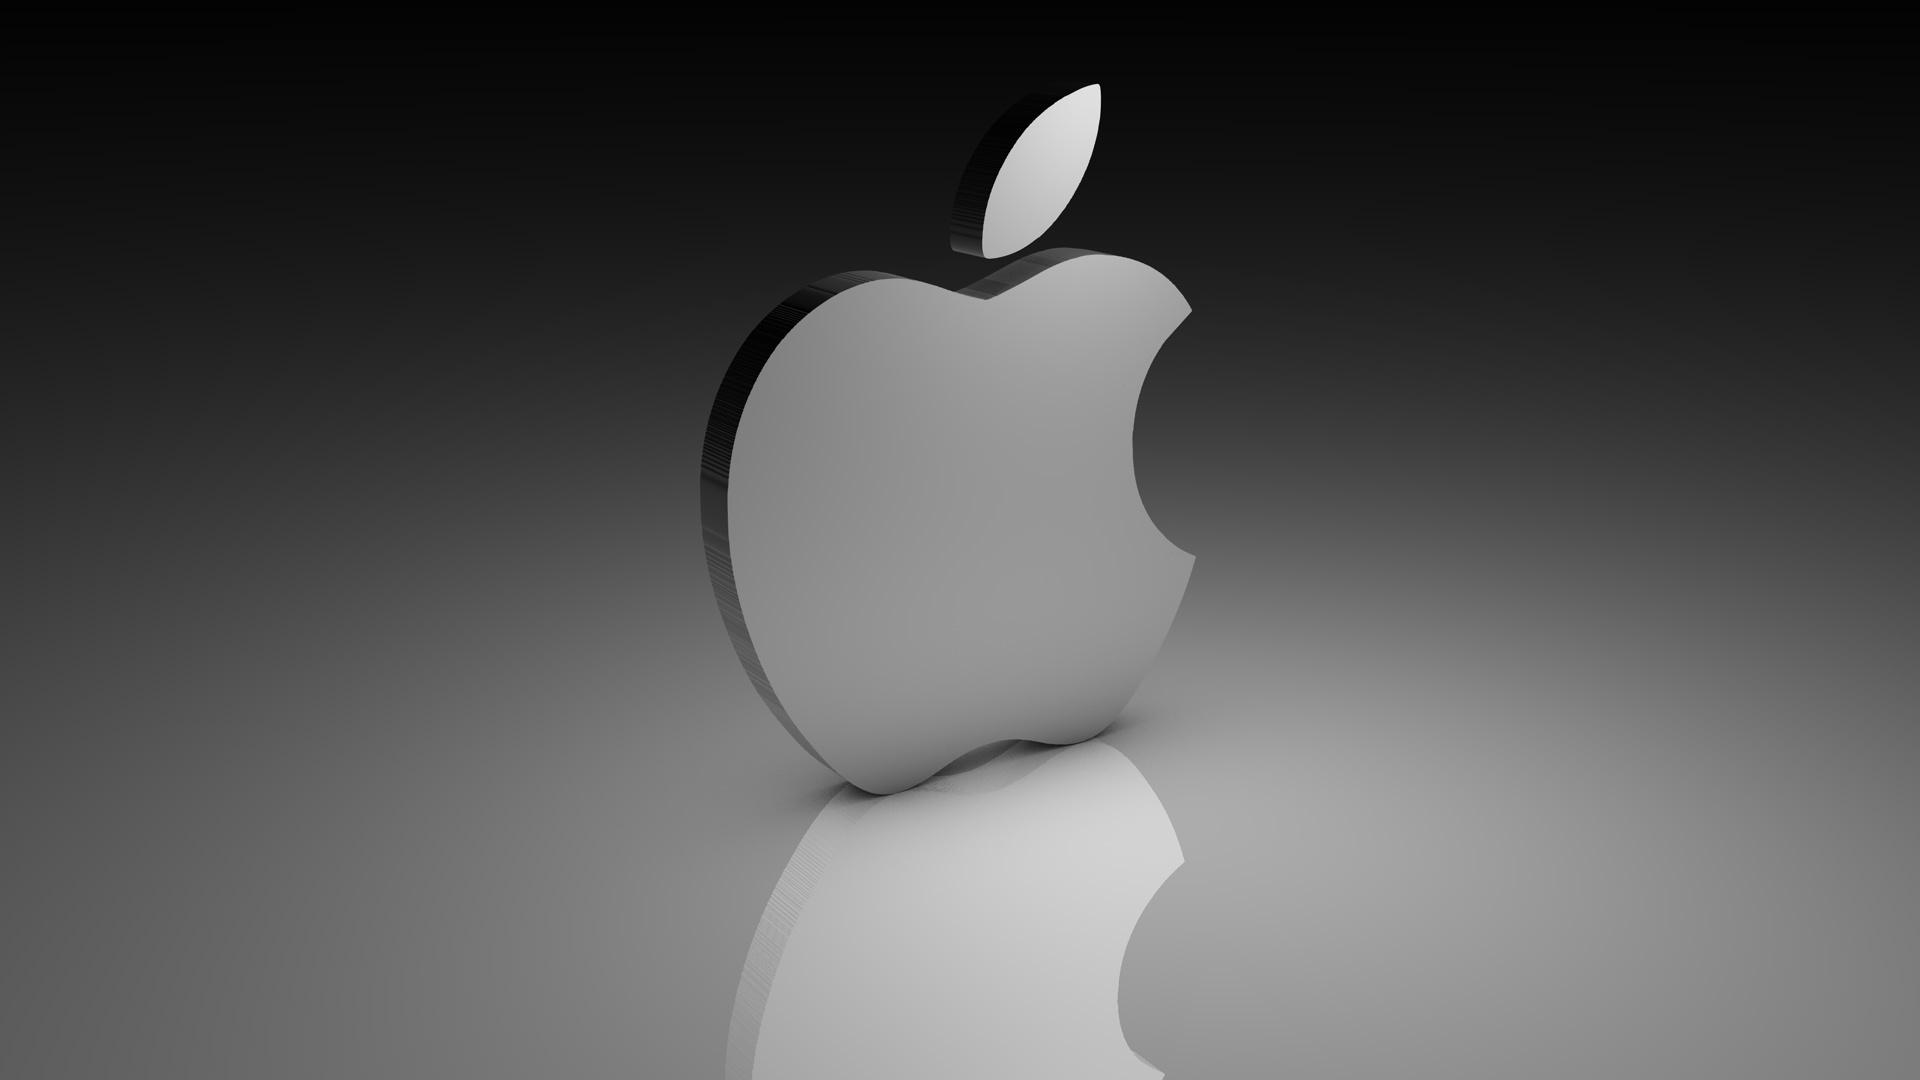 Apple следит за пользователями и не скрывает этого